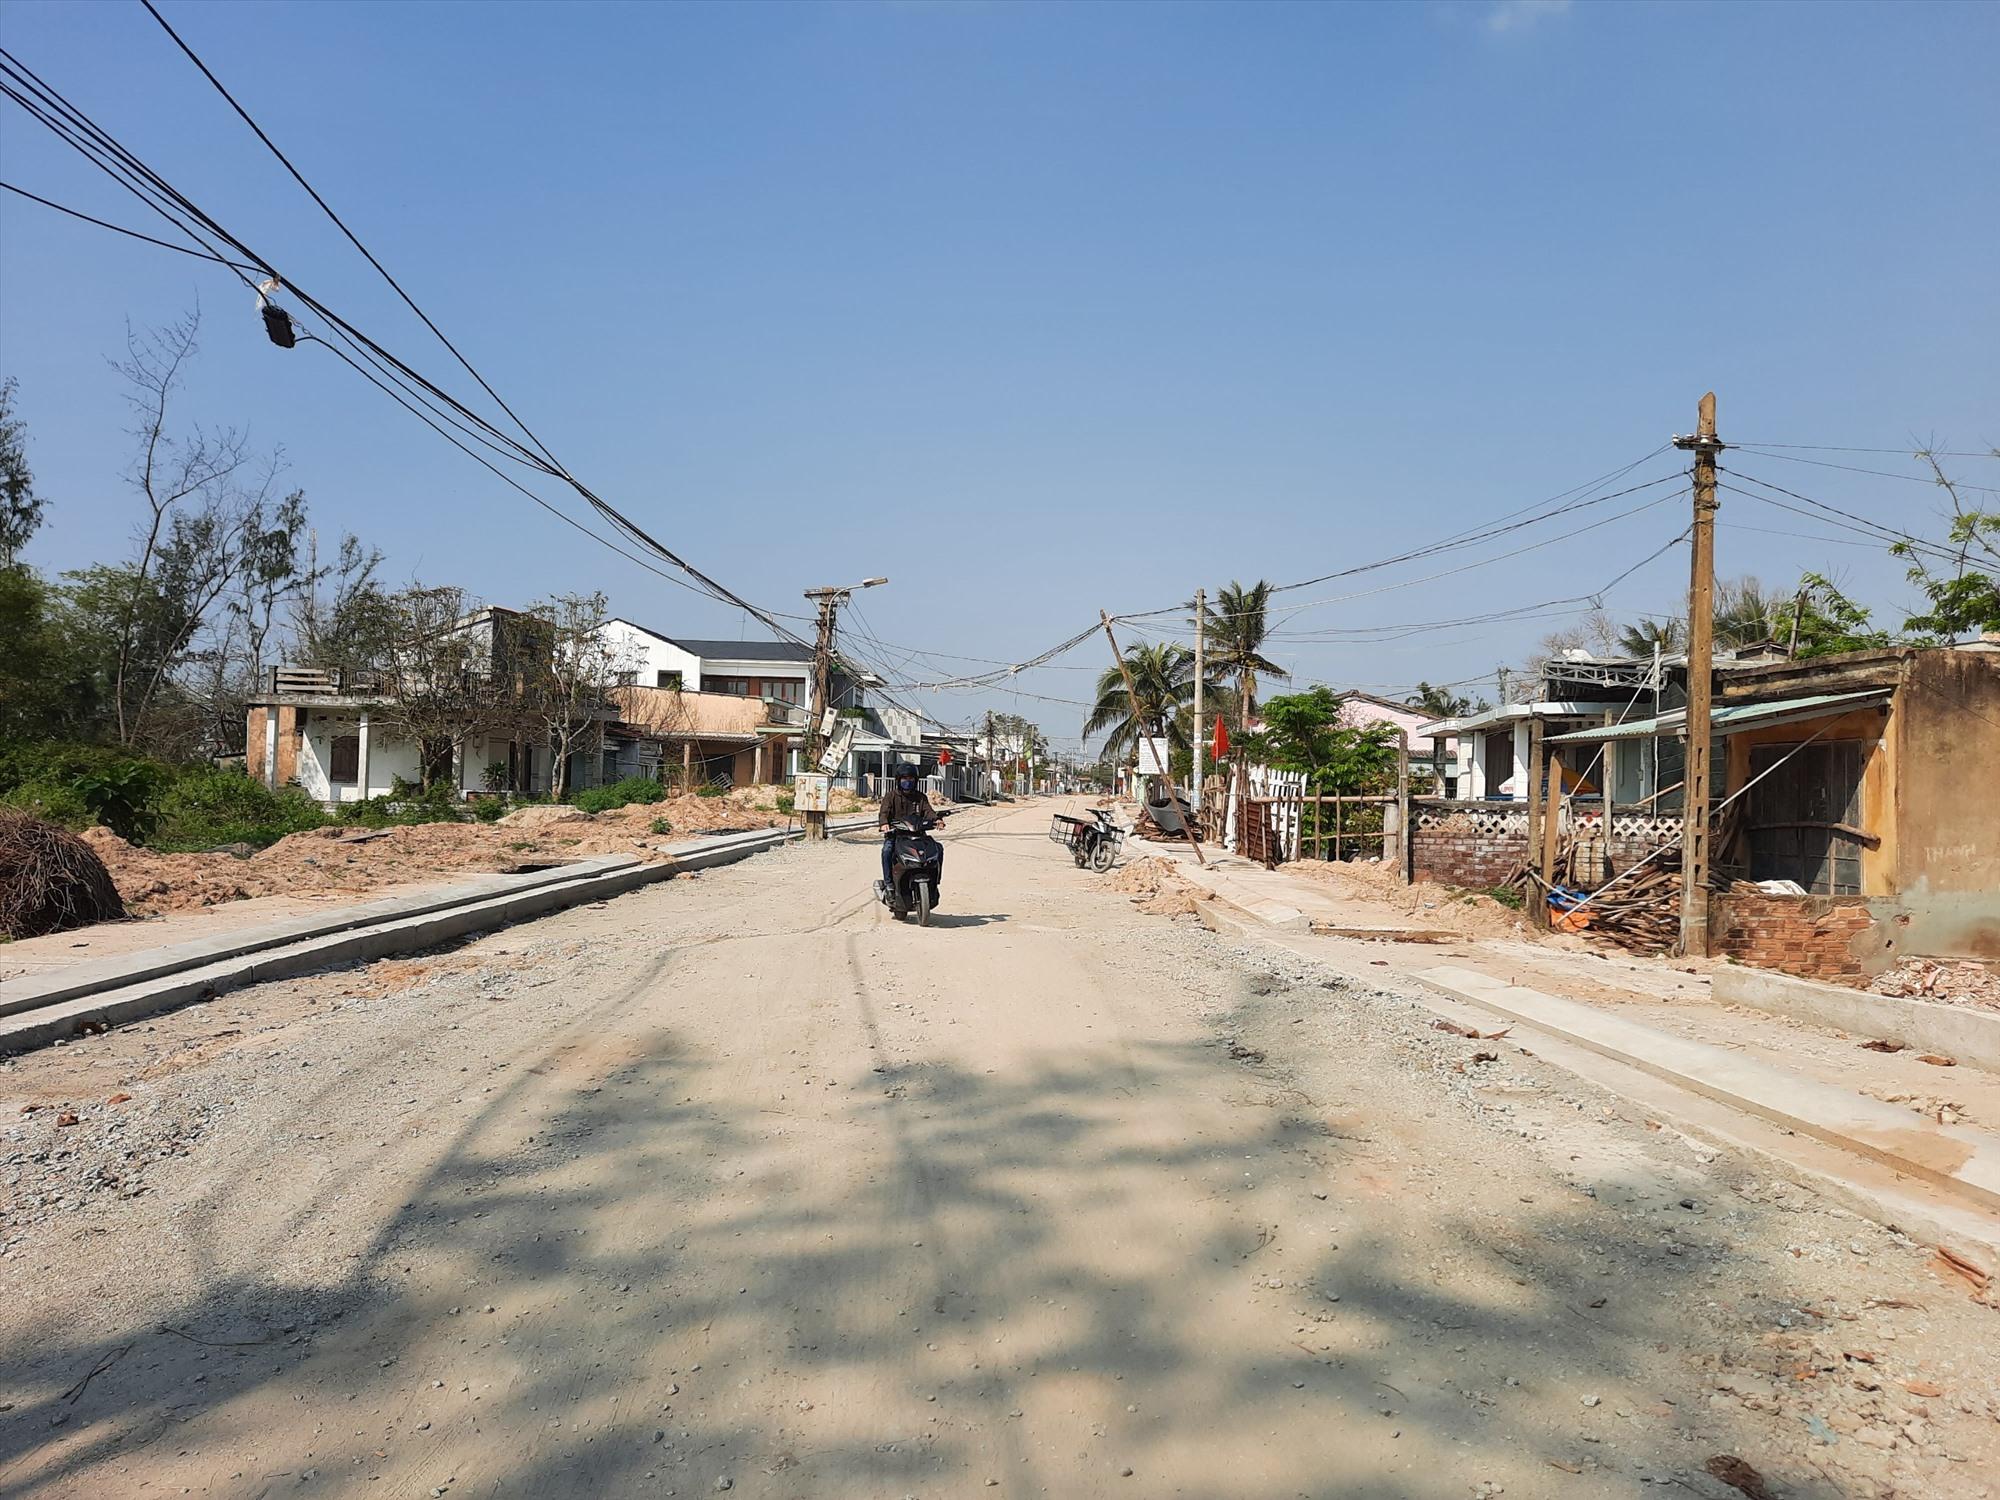 Người dân tin tưởng khi dự án hoàn thành sẽ mở ra cơ hội phát triển bãi tắm Bình Minh và tạo diện mạo mới cho đô thị ven biển trong tương lai. Ảnh: H.Q